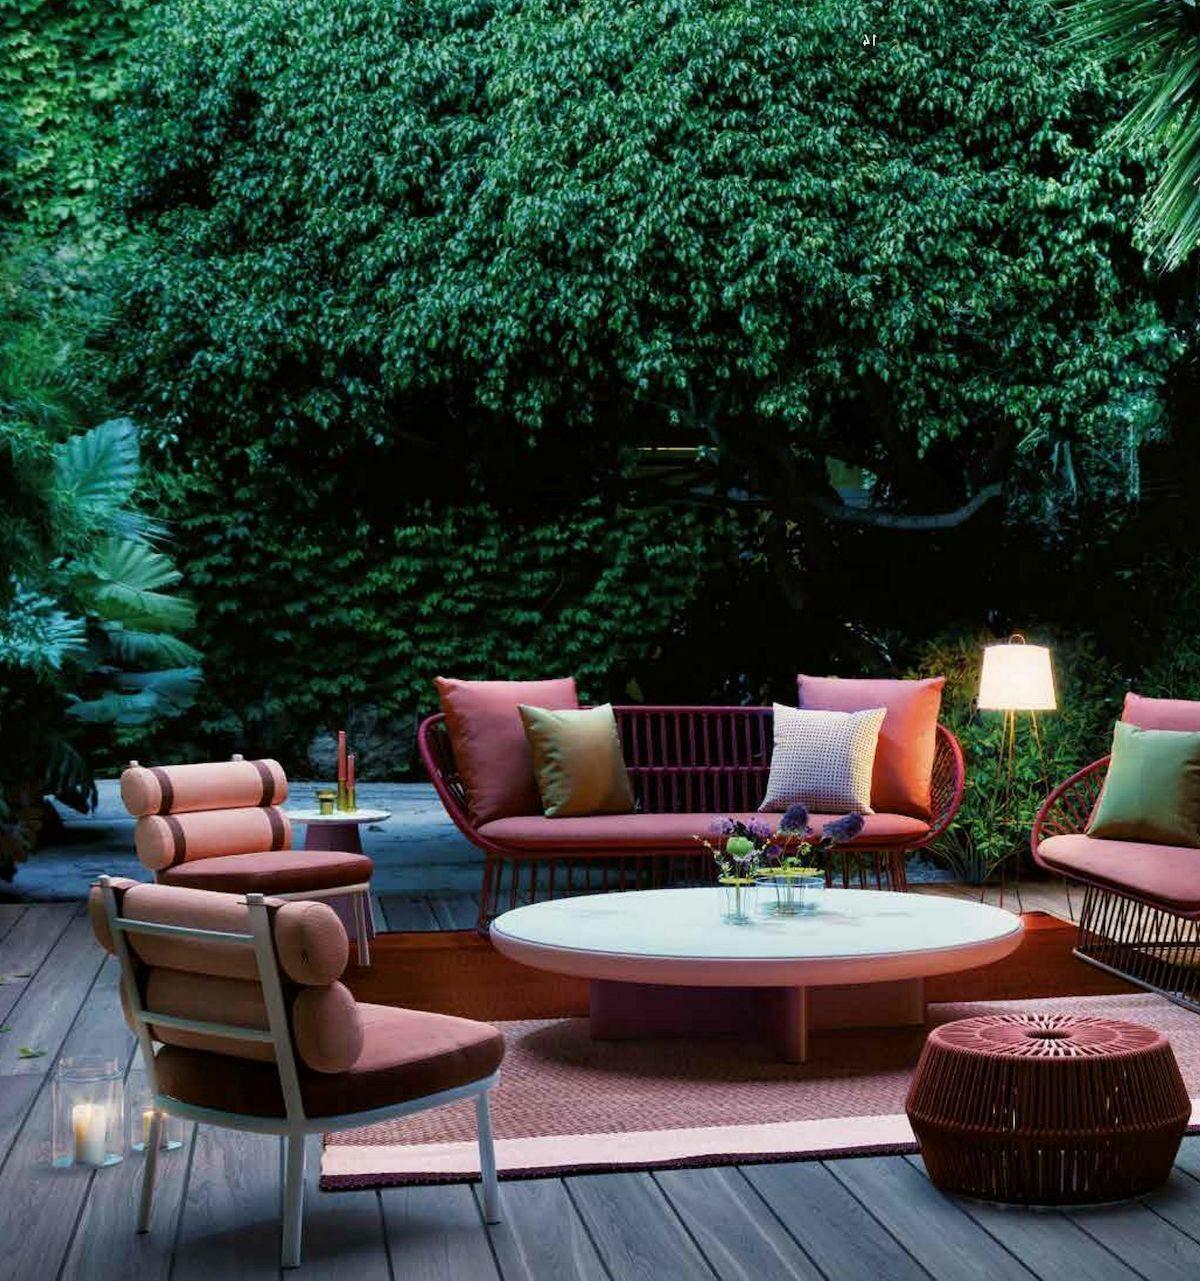 salon de jardin deco extérieure accessoires rouge style bohème